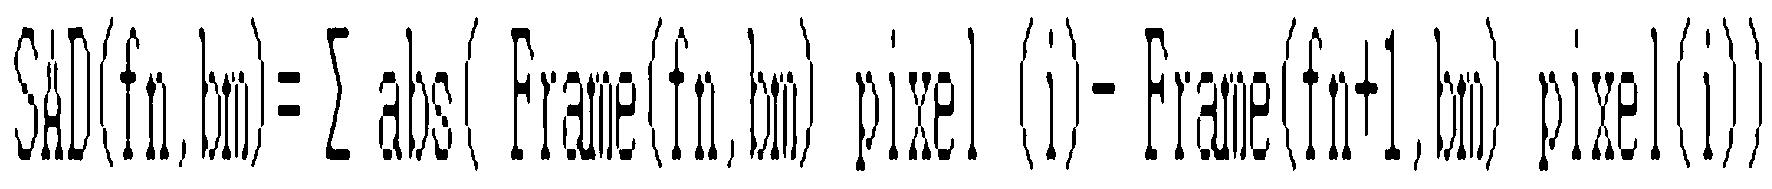 Figure PCTKR2012008237-appb-M000002